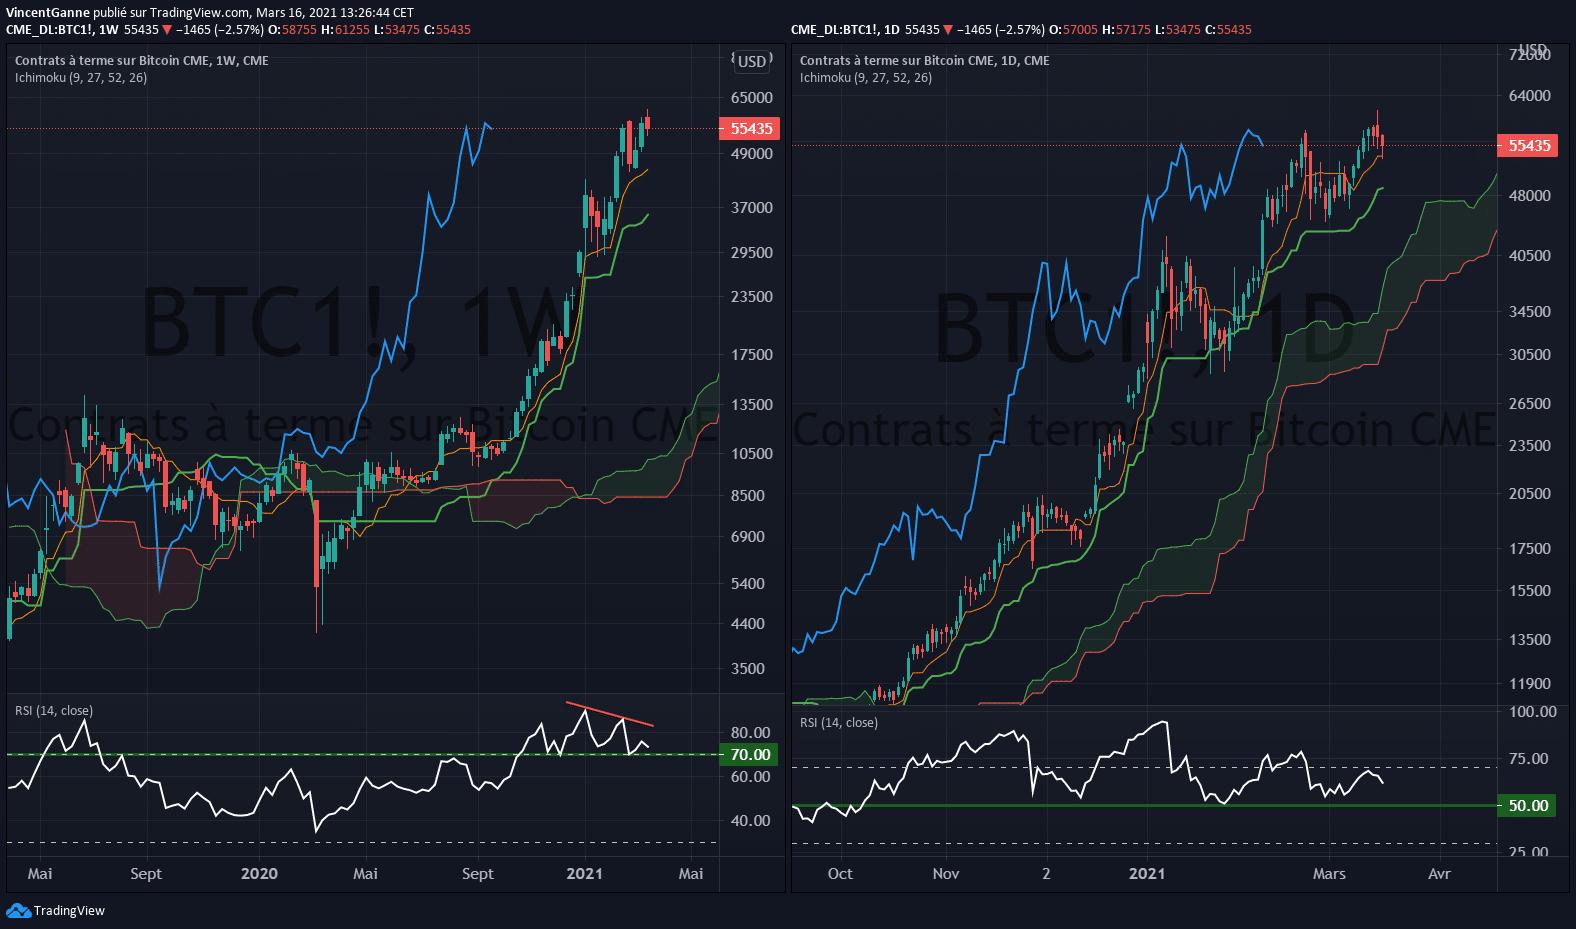 Bitcoin (BTC) : faut-il s'inquiéter du petit bull trap du weekend dernier ?